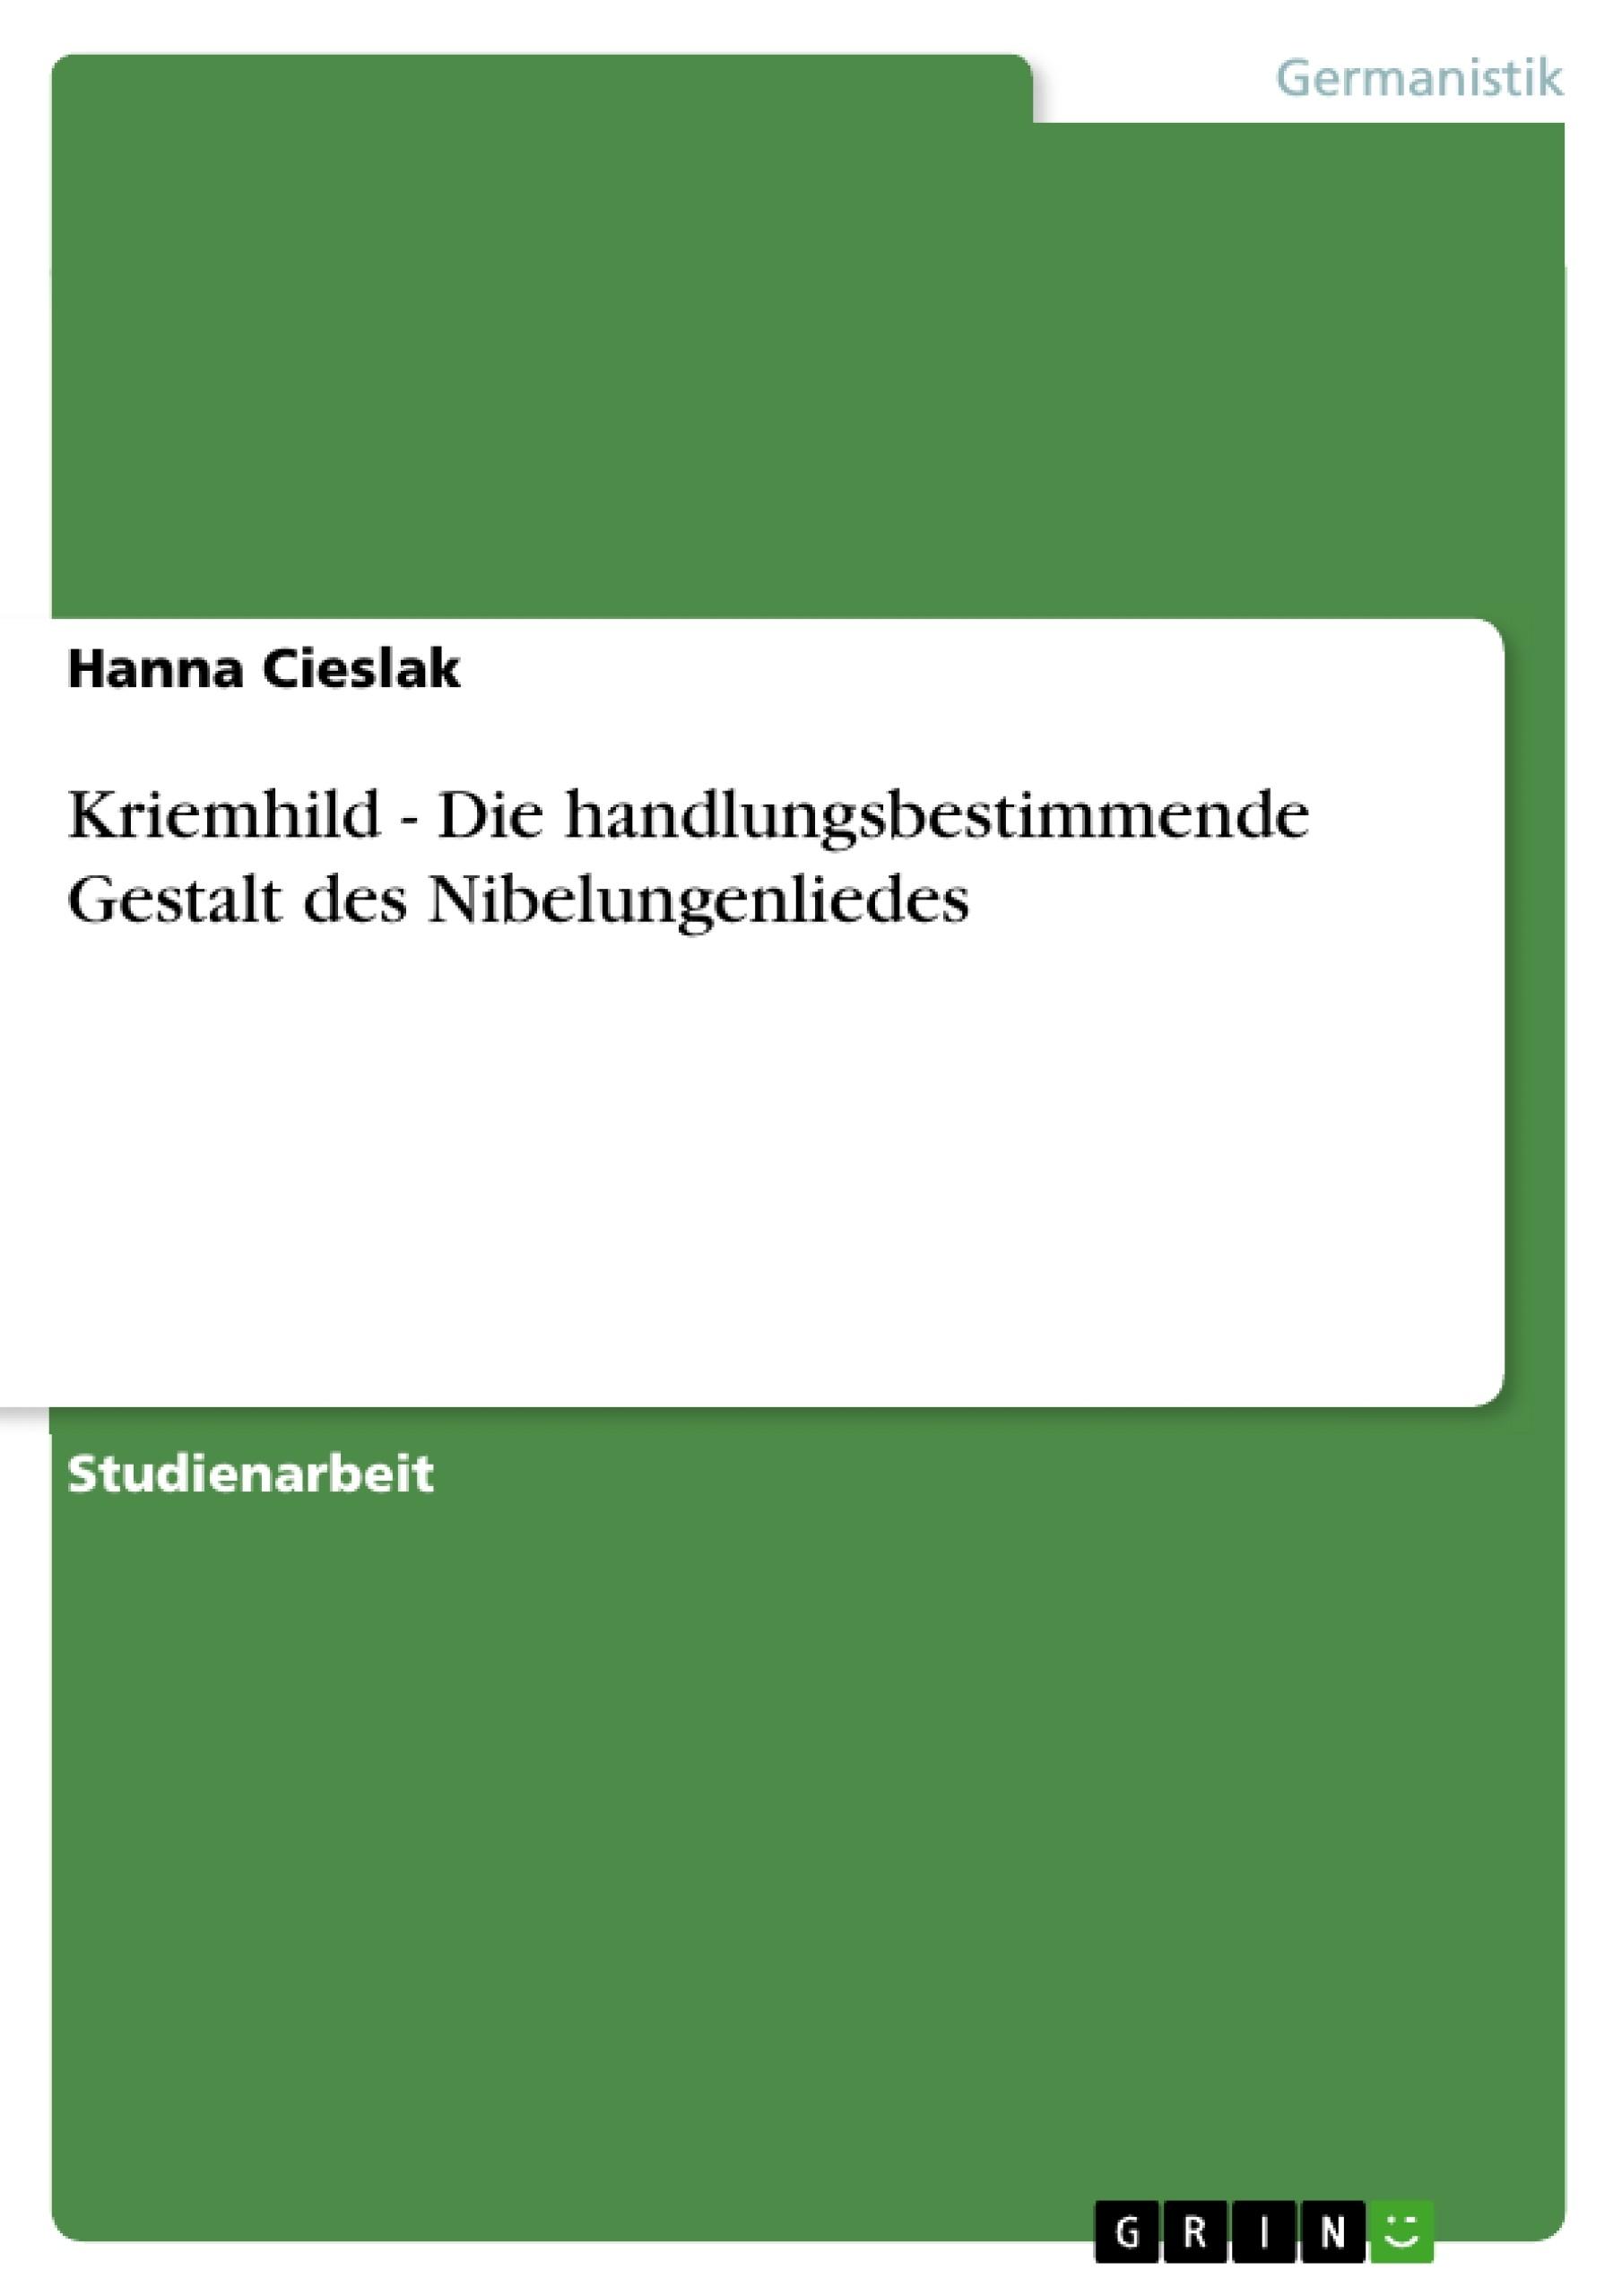 Titel: Kriemhild - Die handlungsbestimmende Gestalt des Nibelungenliedes